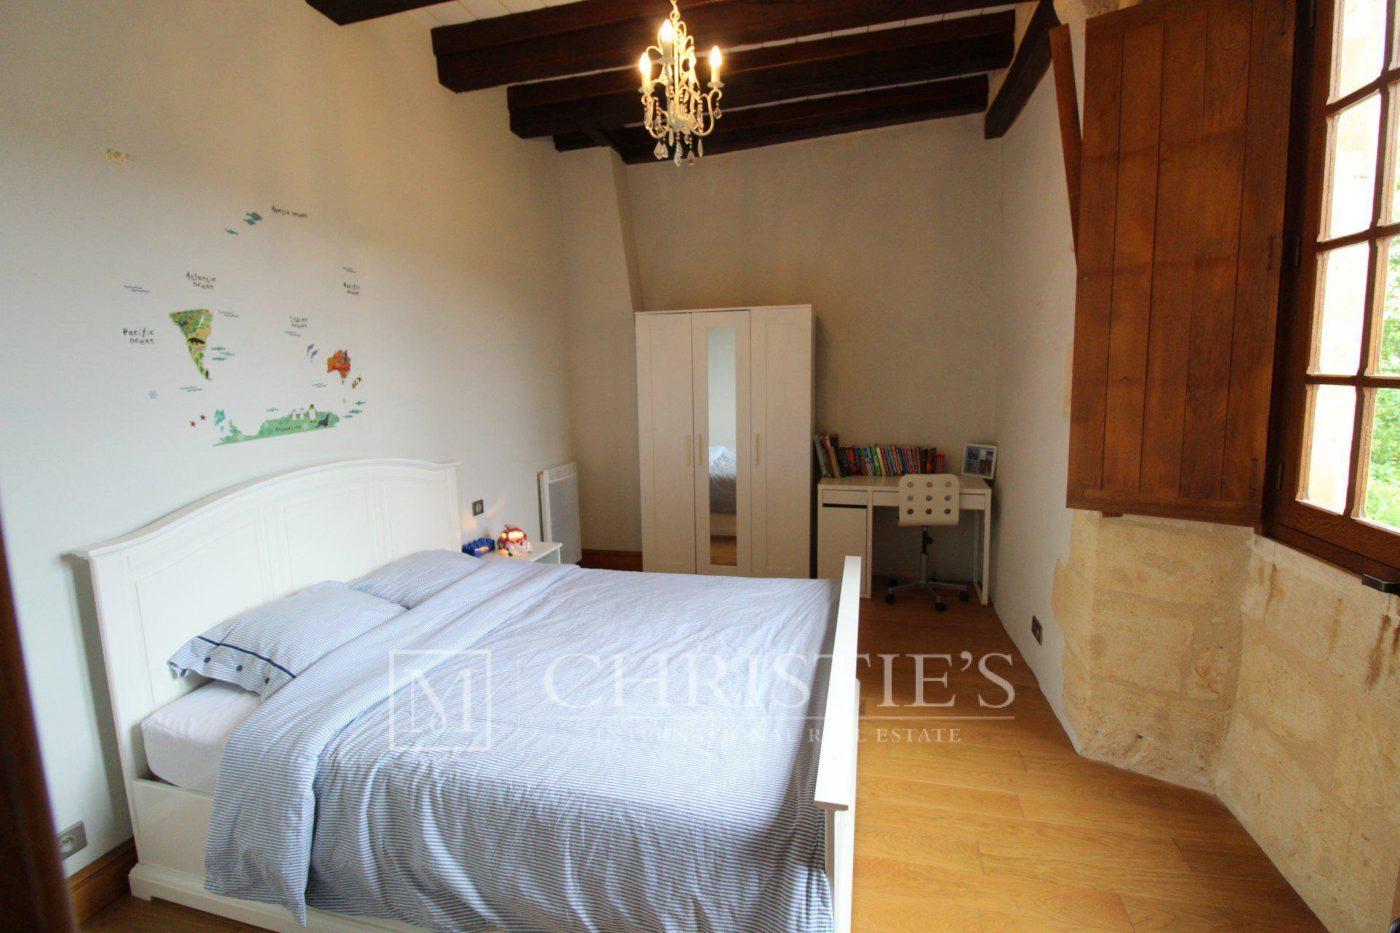 Chambre, Parquet - Petit vignoble près de Saint-Emilion avec magnifique Château historique